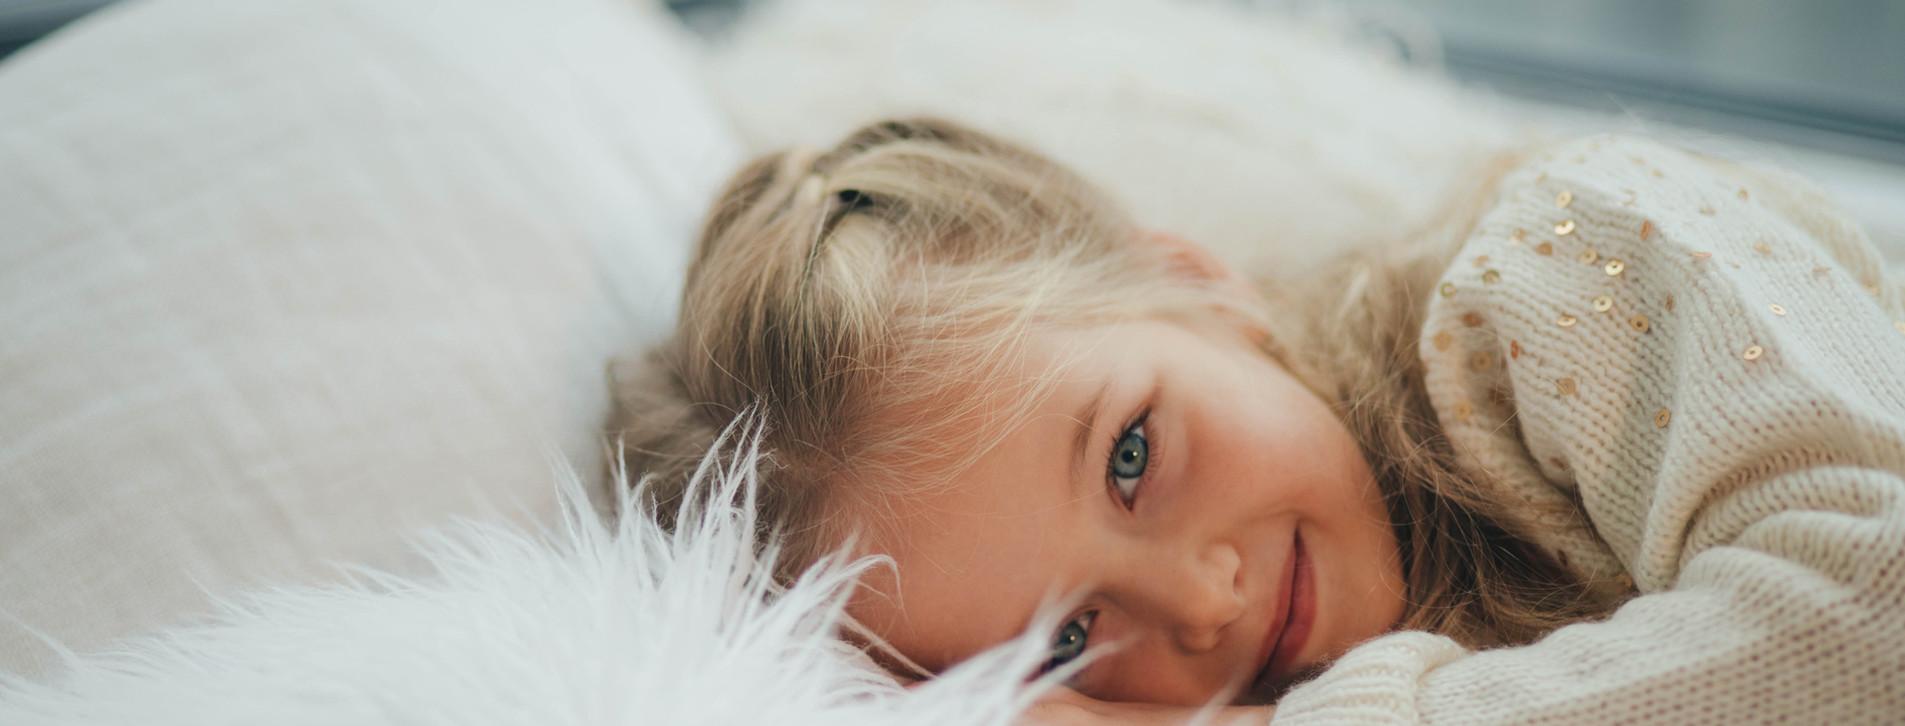 Фото 1 - Детская фотосессия